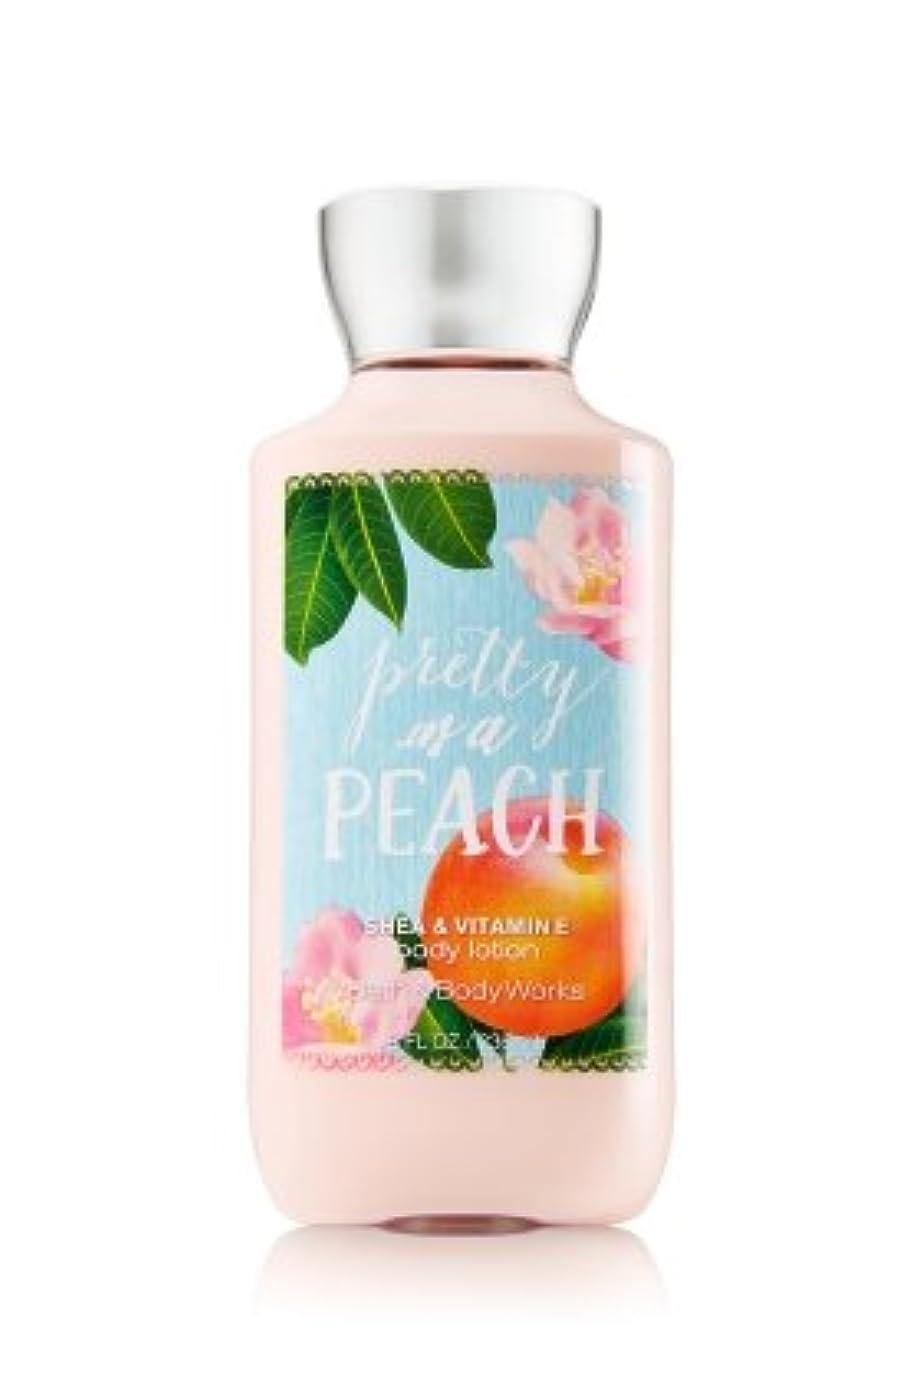 止まる決定的インポート【Bath&Body Works/バス&ボディワークス】 ボディローション プリティーアズアピーチ Body Lotion Pretty As A Peach 8 fl oz / 236 mL [並行輸入品]